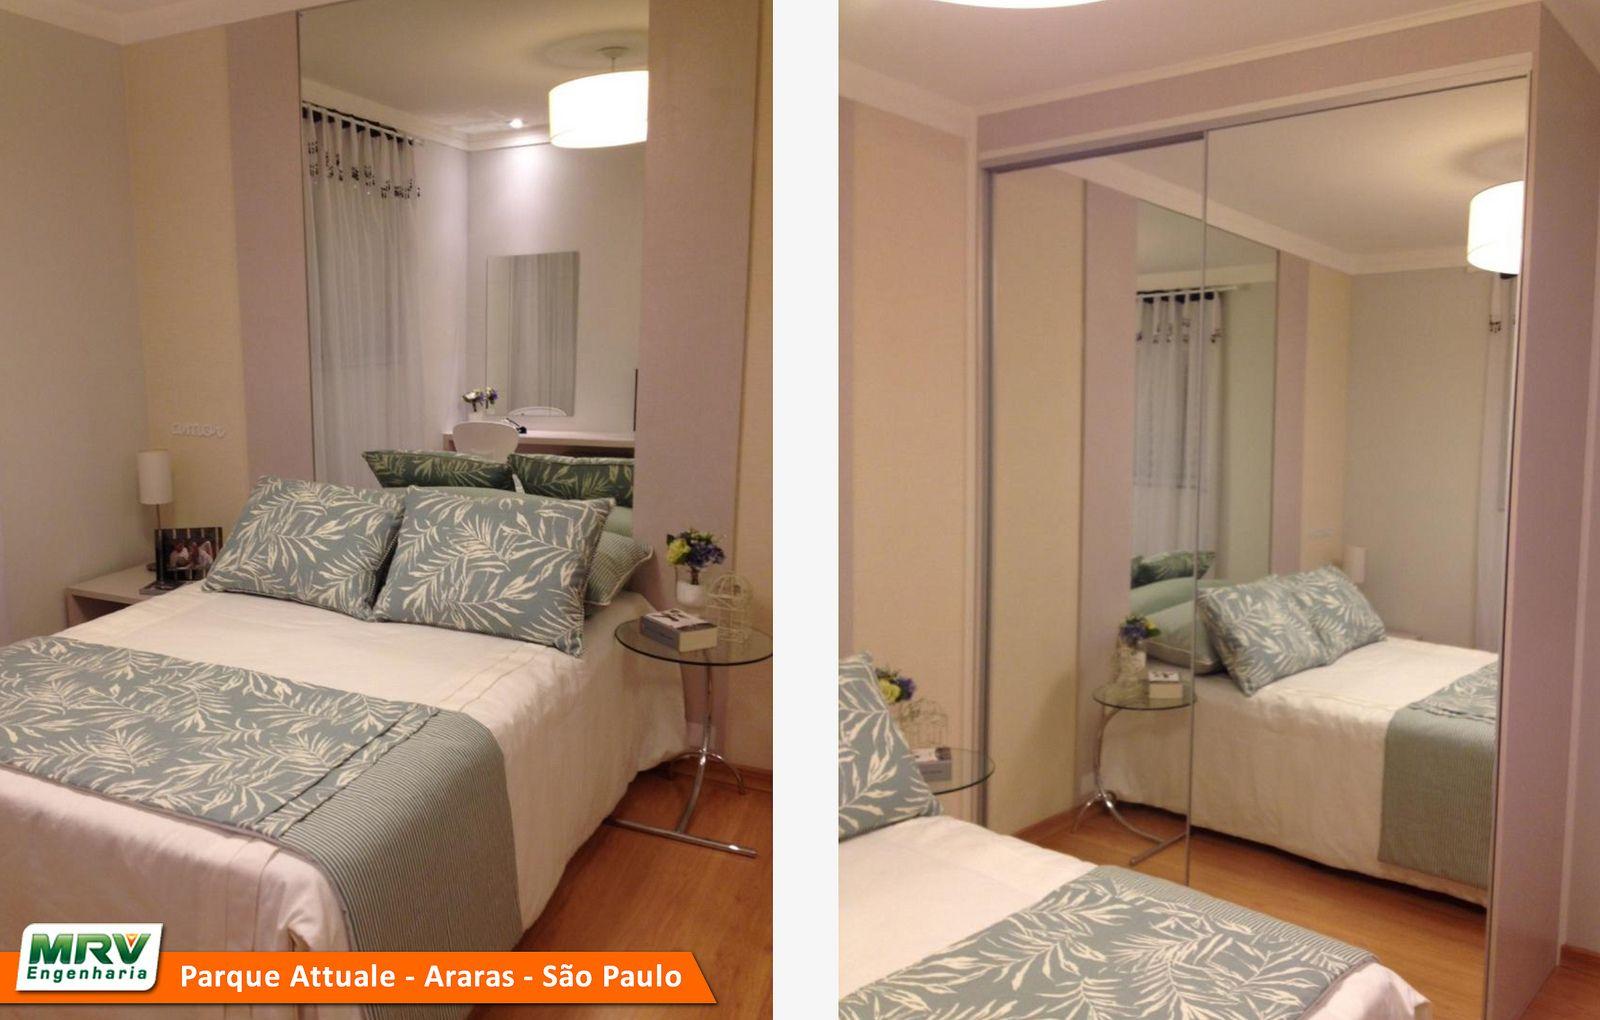 Mrv Apartamento Decorado Em Araras Sp Bedrooms -> Apartamento Mrv Decorado Fotos